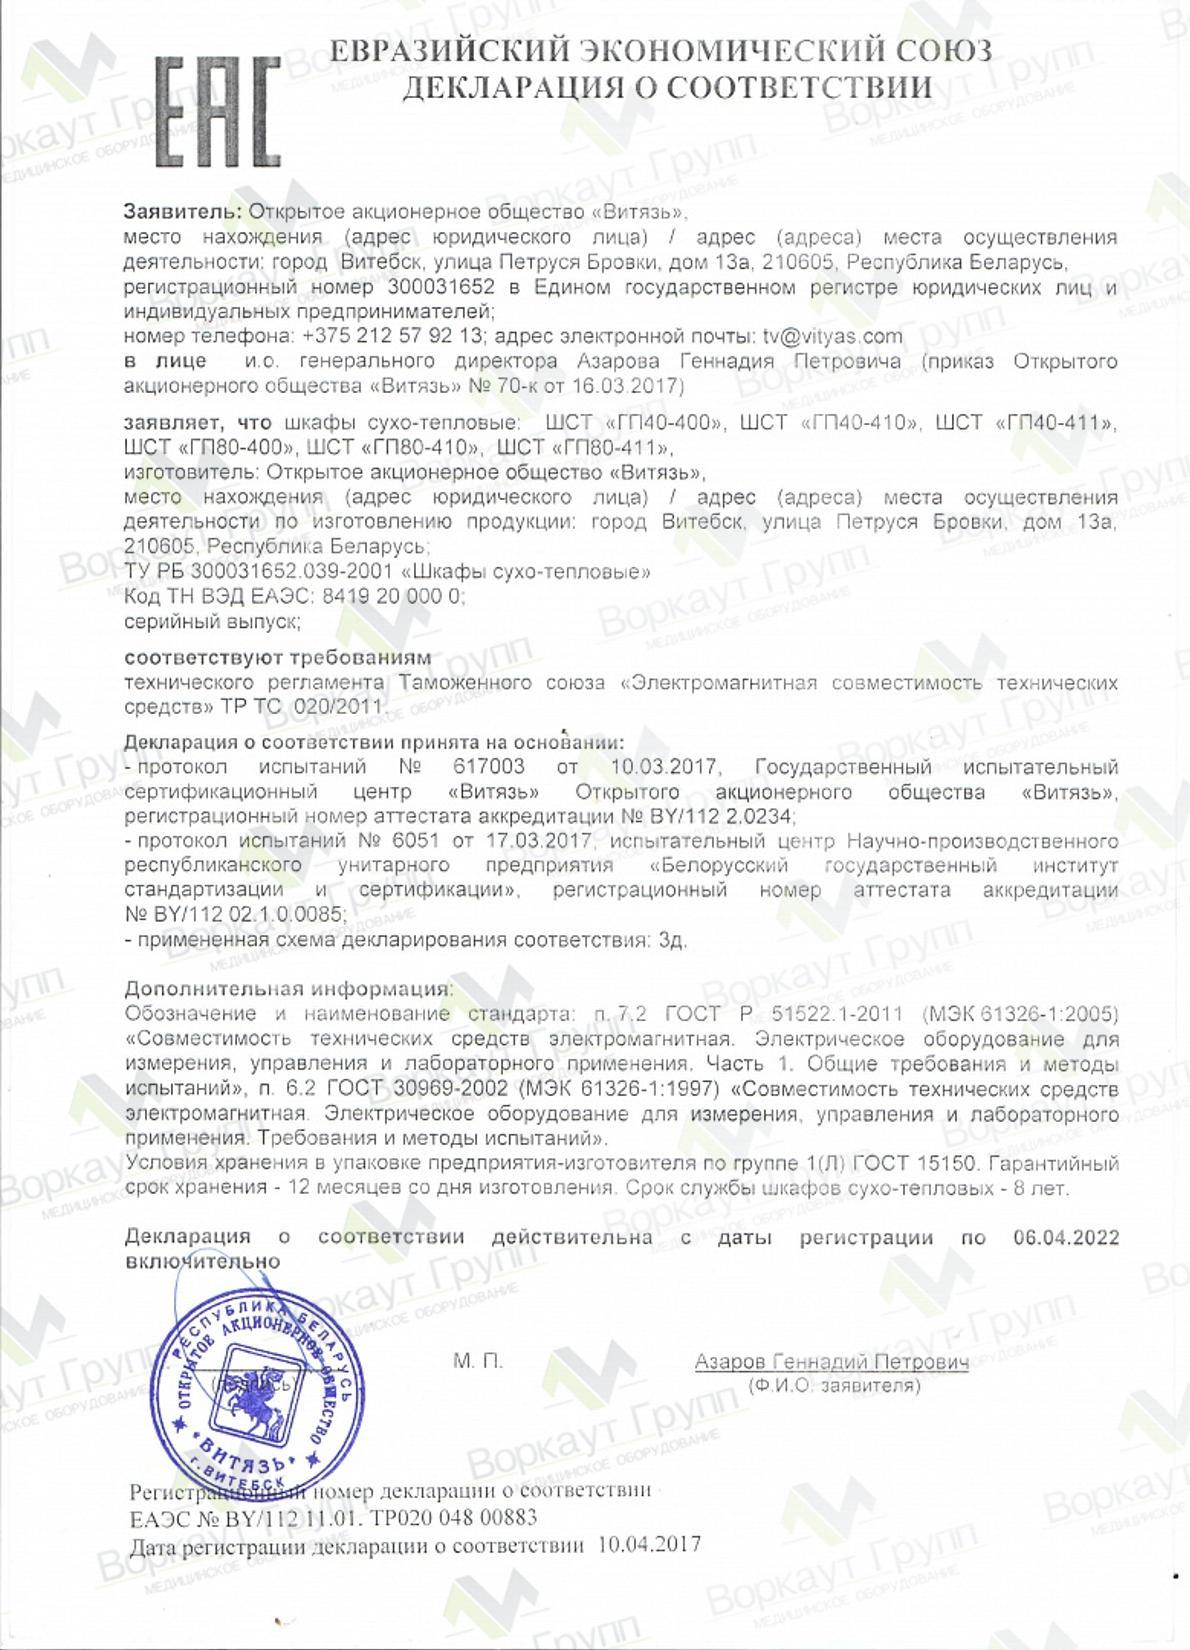 """Декларация на шкафы сухо-тепловые ОАО """"Витязь"""""""